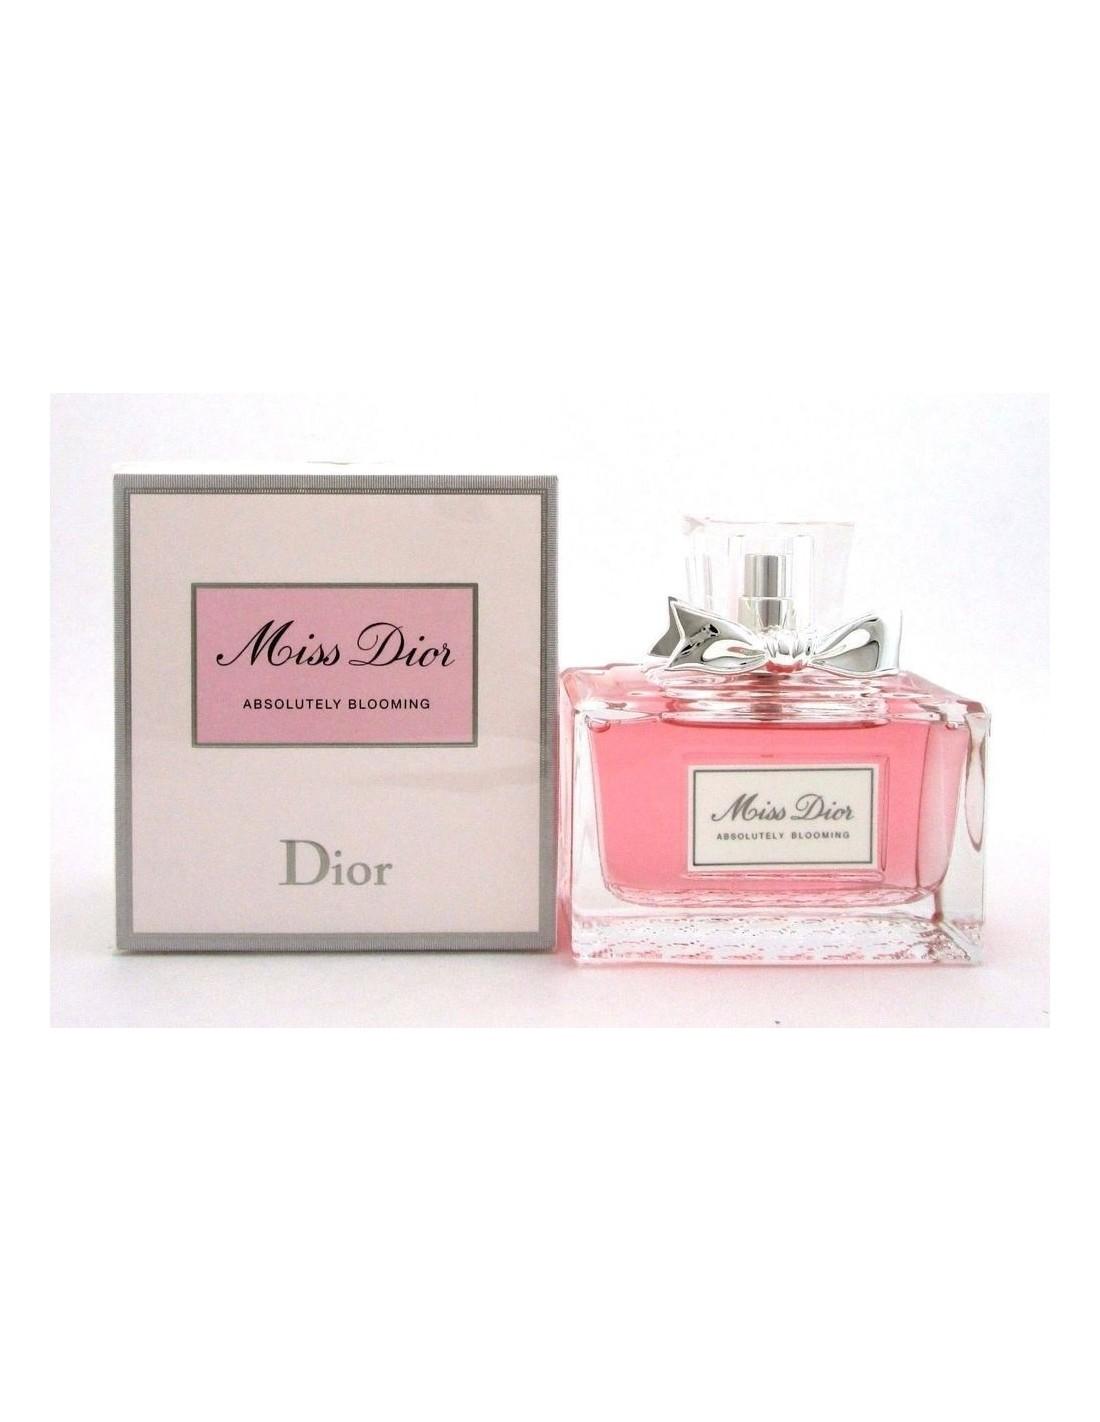 daab6ab3 Christian Dior Miss Dior Absolutely Blooming Eau de Parfum Spray